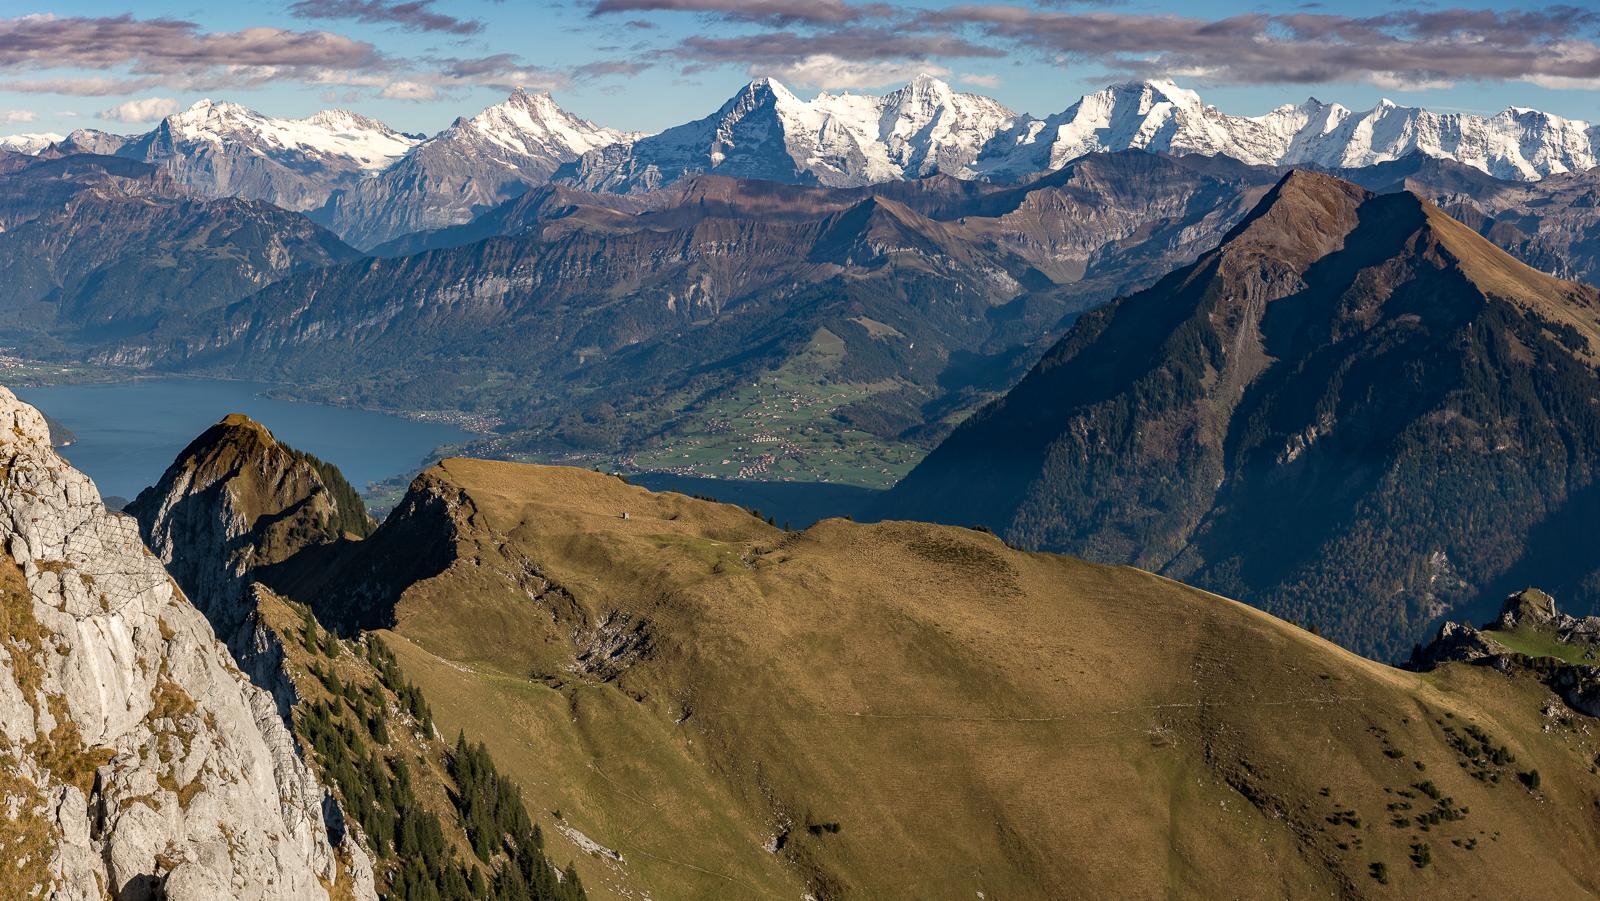 Thuner Seen, Eiger, Mönch und Jungfrau, Niesen